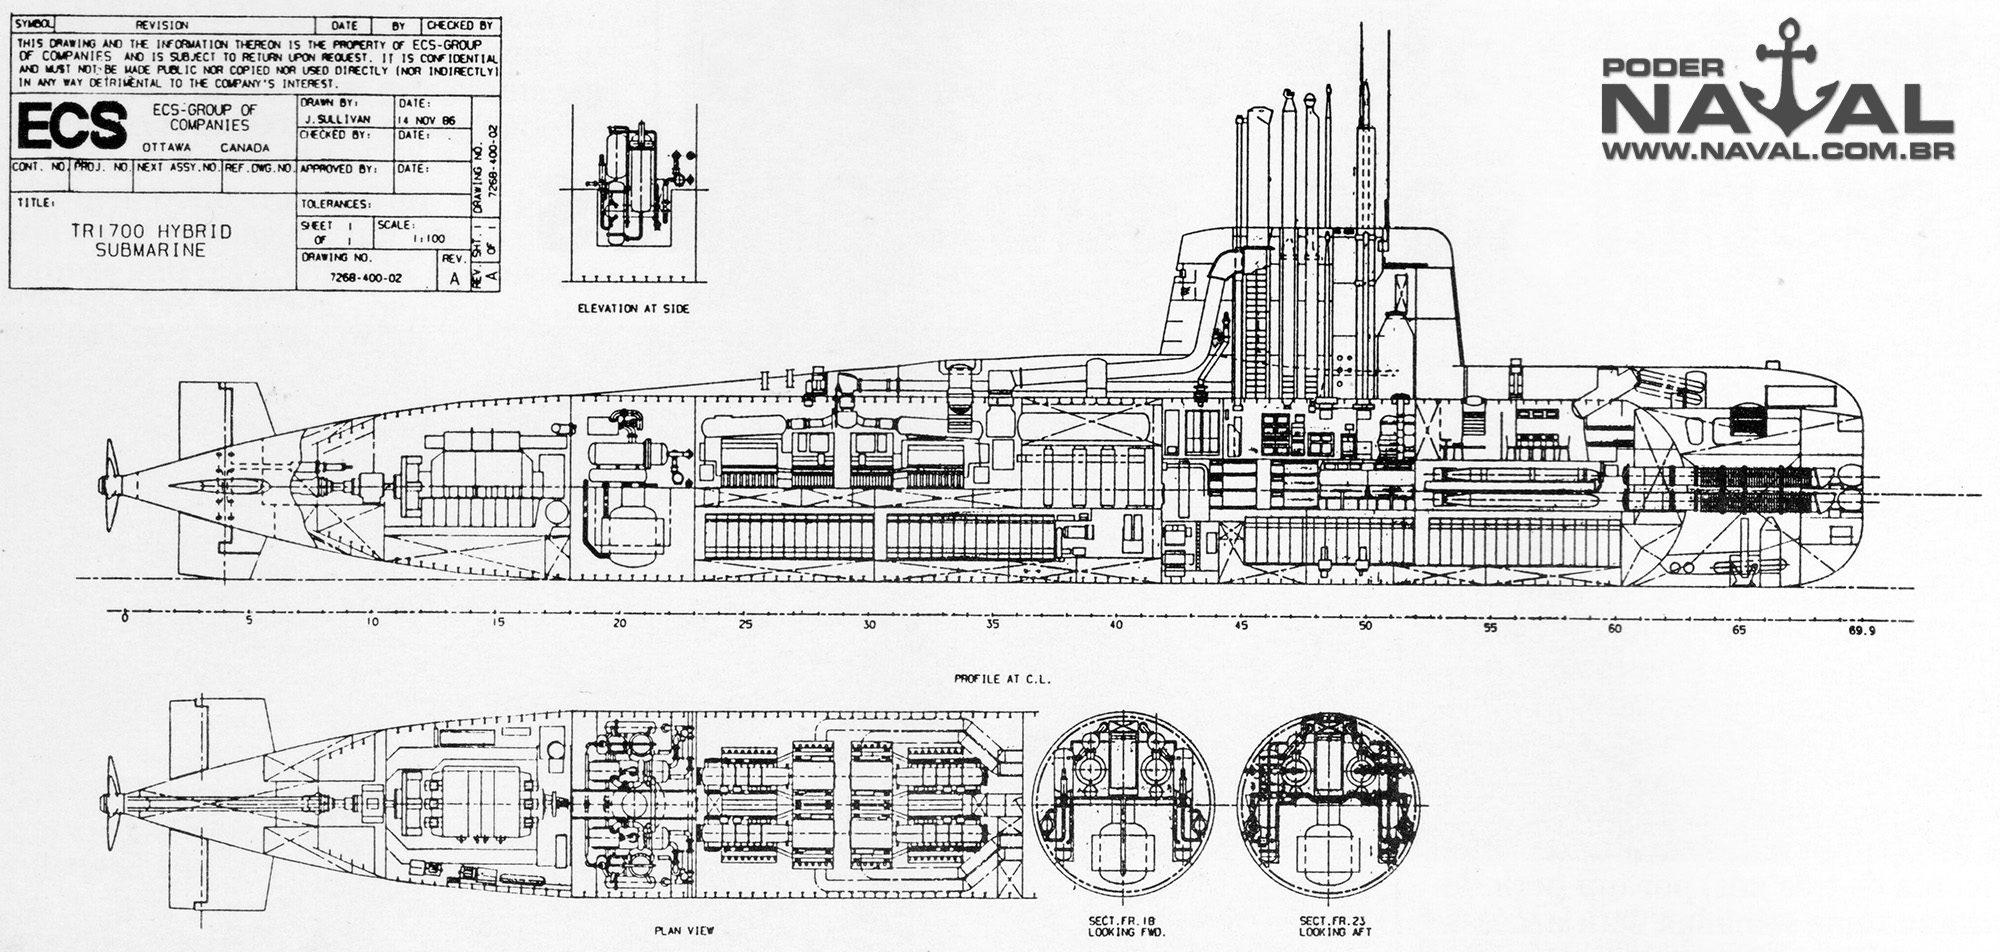 Planos do submarino TR-1700 com o plug de propulsão híbrida AMPS (N)